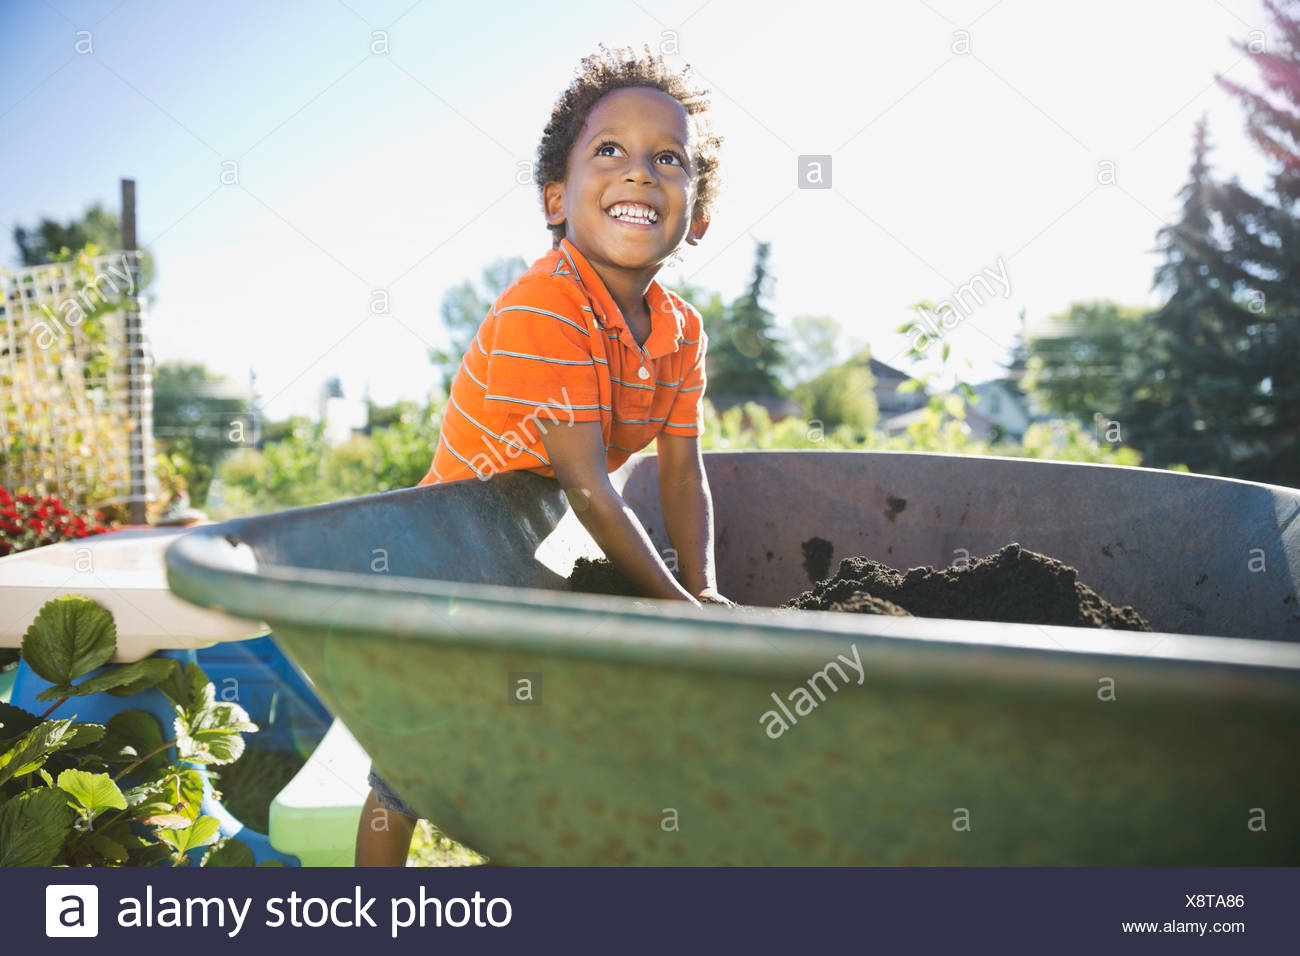 Chico recoger suciedad en la carretilla de jardín Imagen De Stock